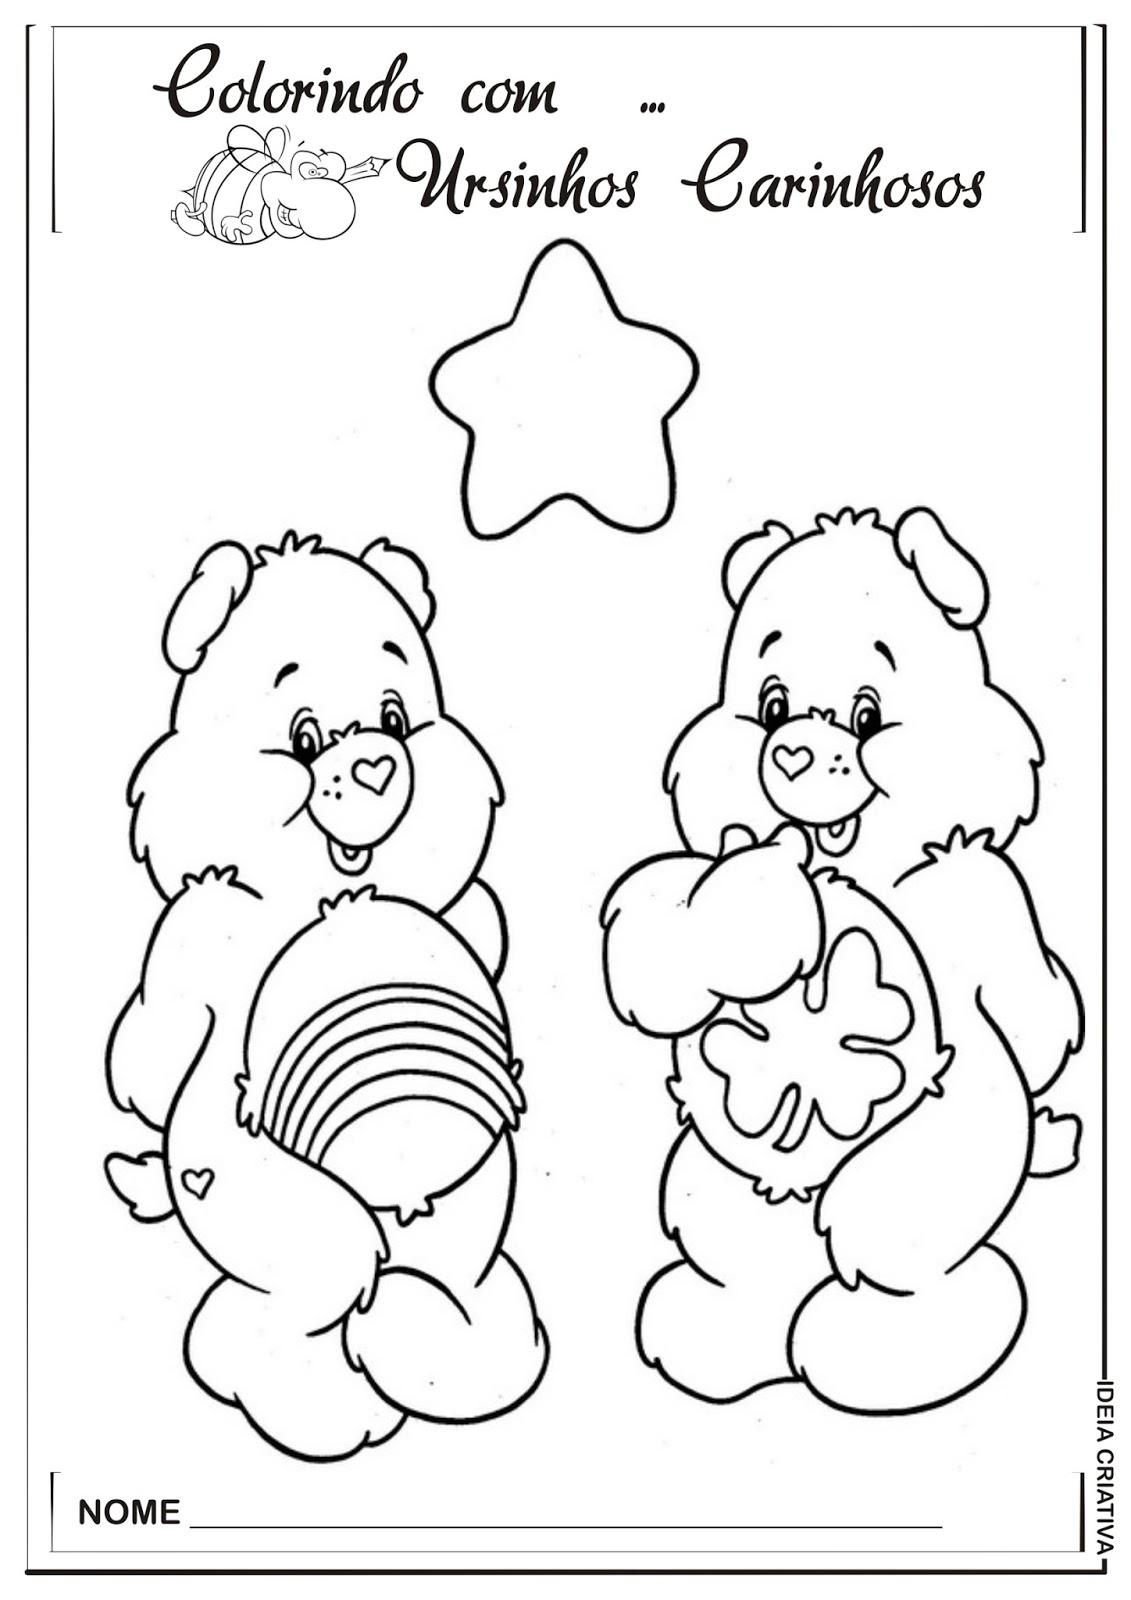 imagens para colorir do ursinhos carinhosos urso zangadinho